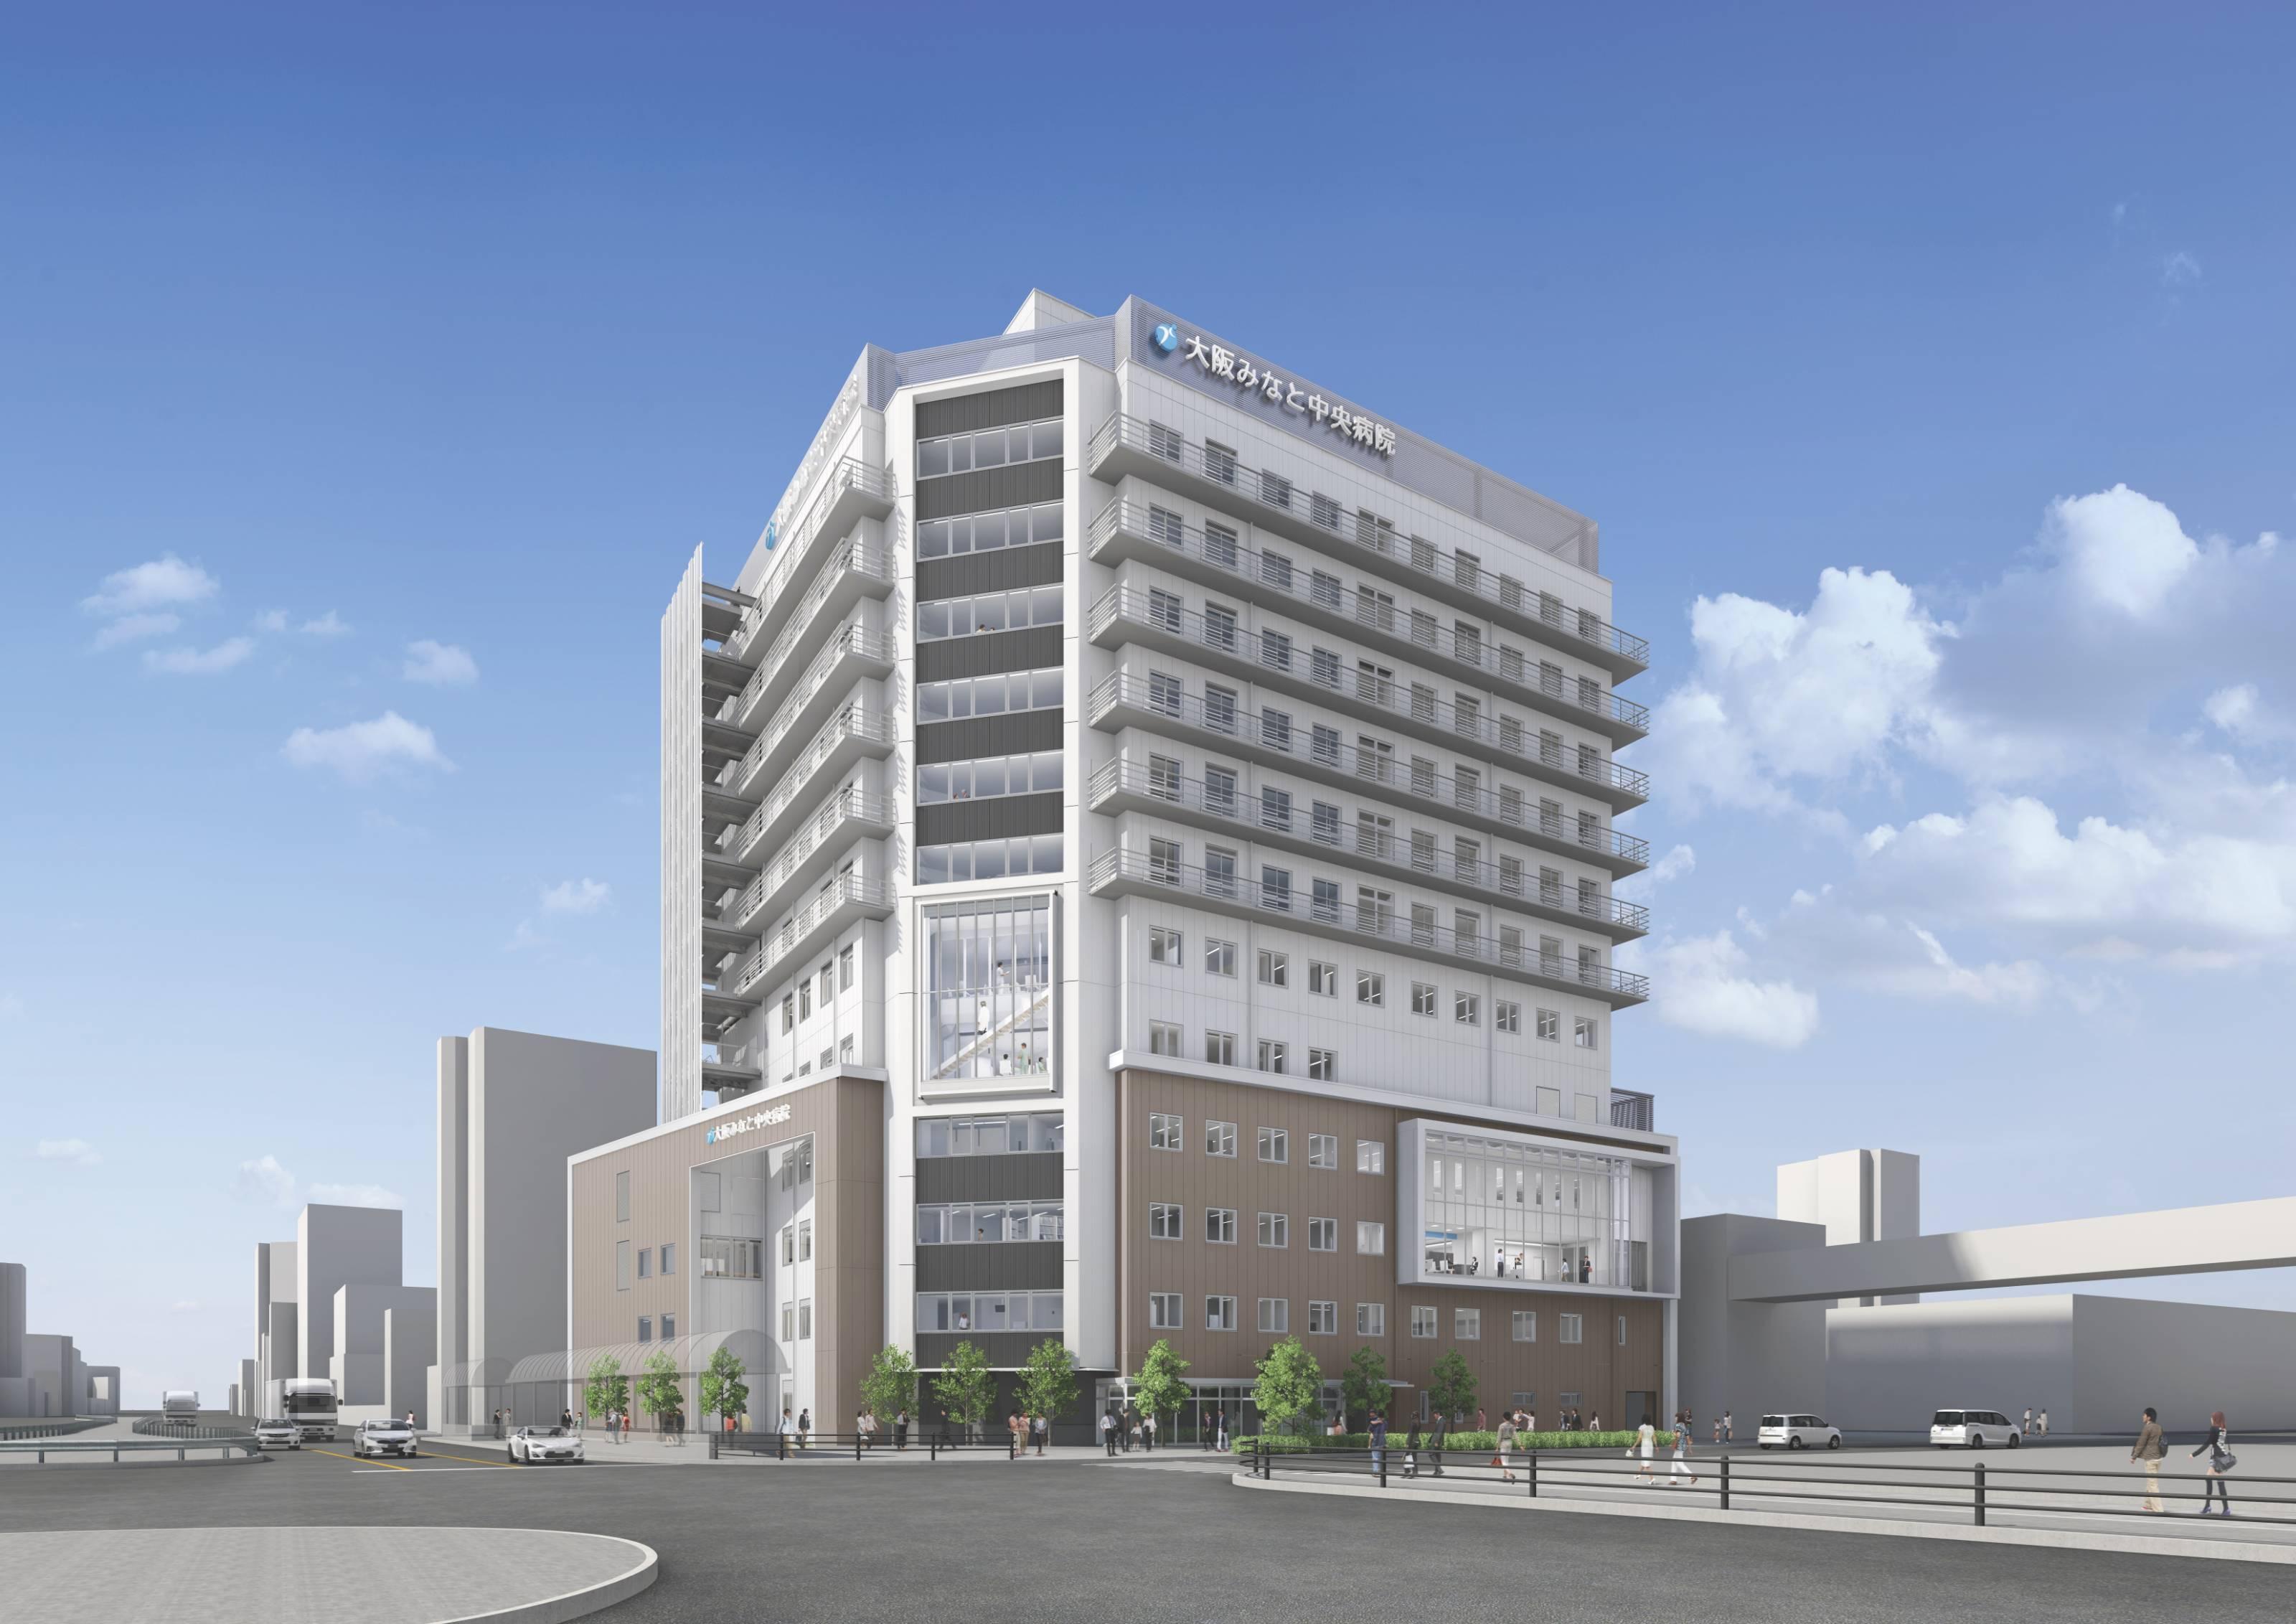 独立行政法人地域医療機能推進機構大阪みなと中央病院